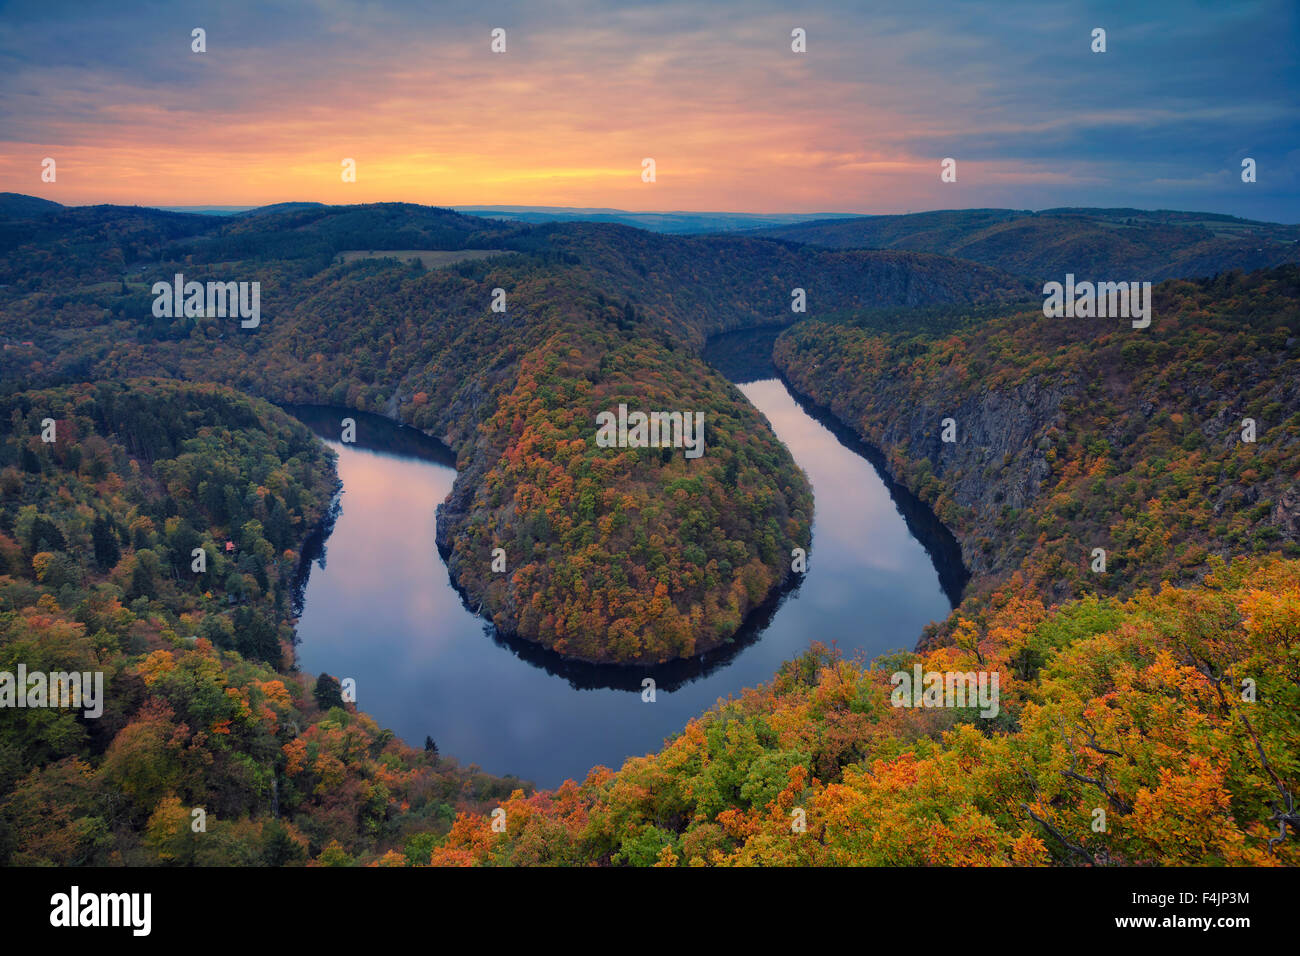 Otoño River Bend. Hermoso meandro del río Moldava en la República Checa durante el atardecer de otoño. Foto de stock